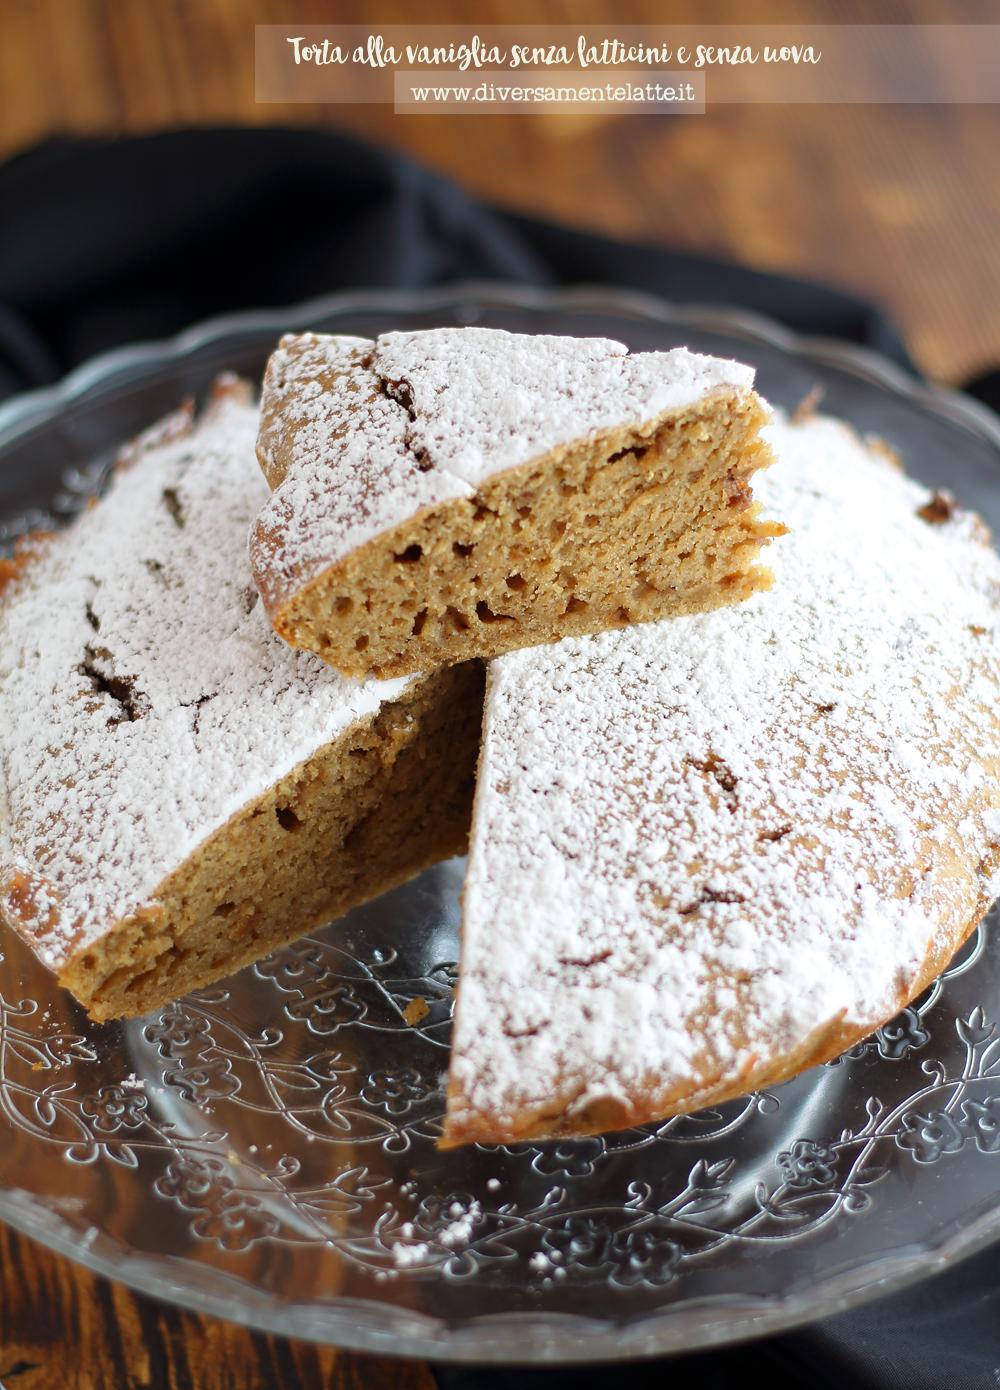 torta alla vaniglia senza latticini